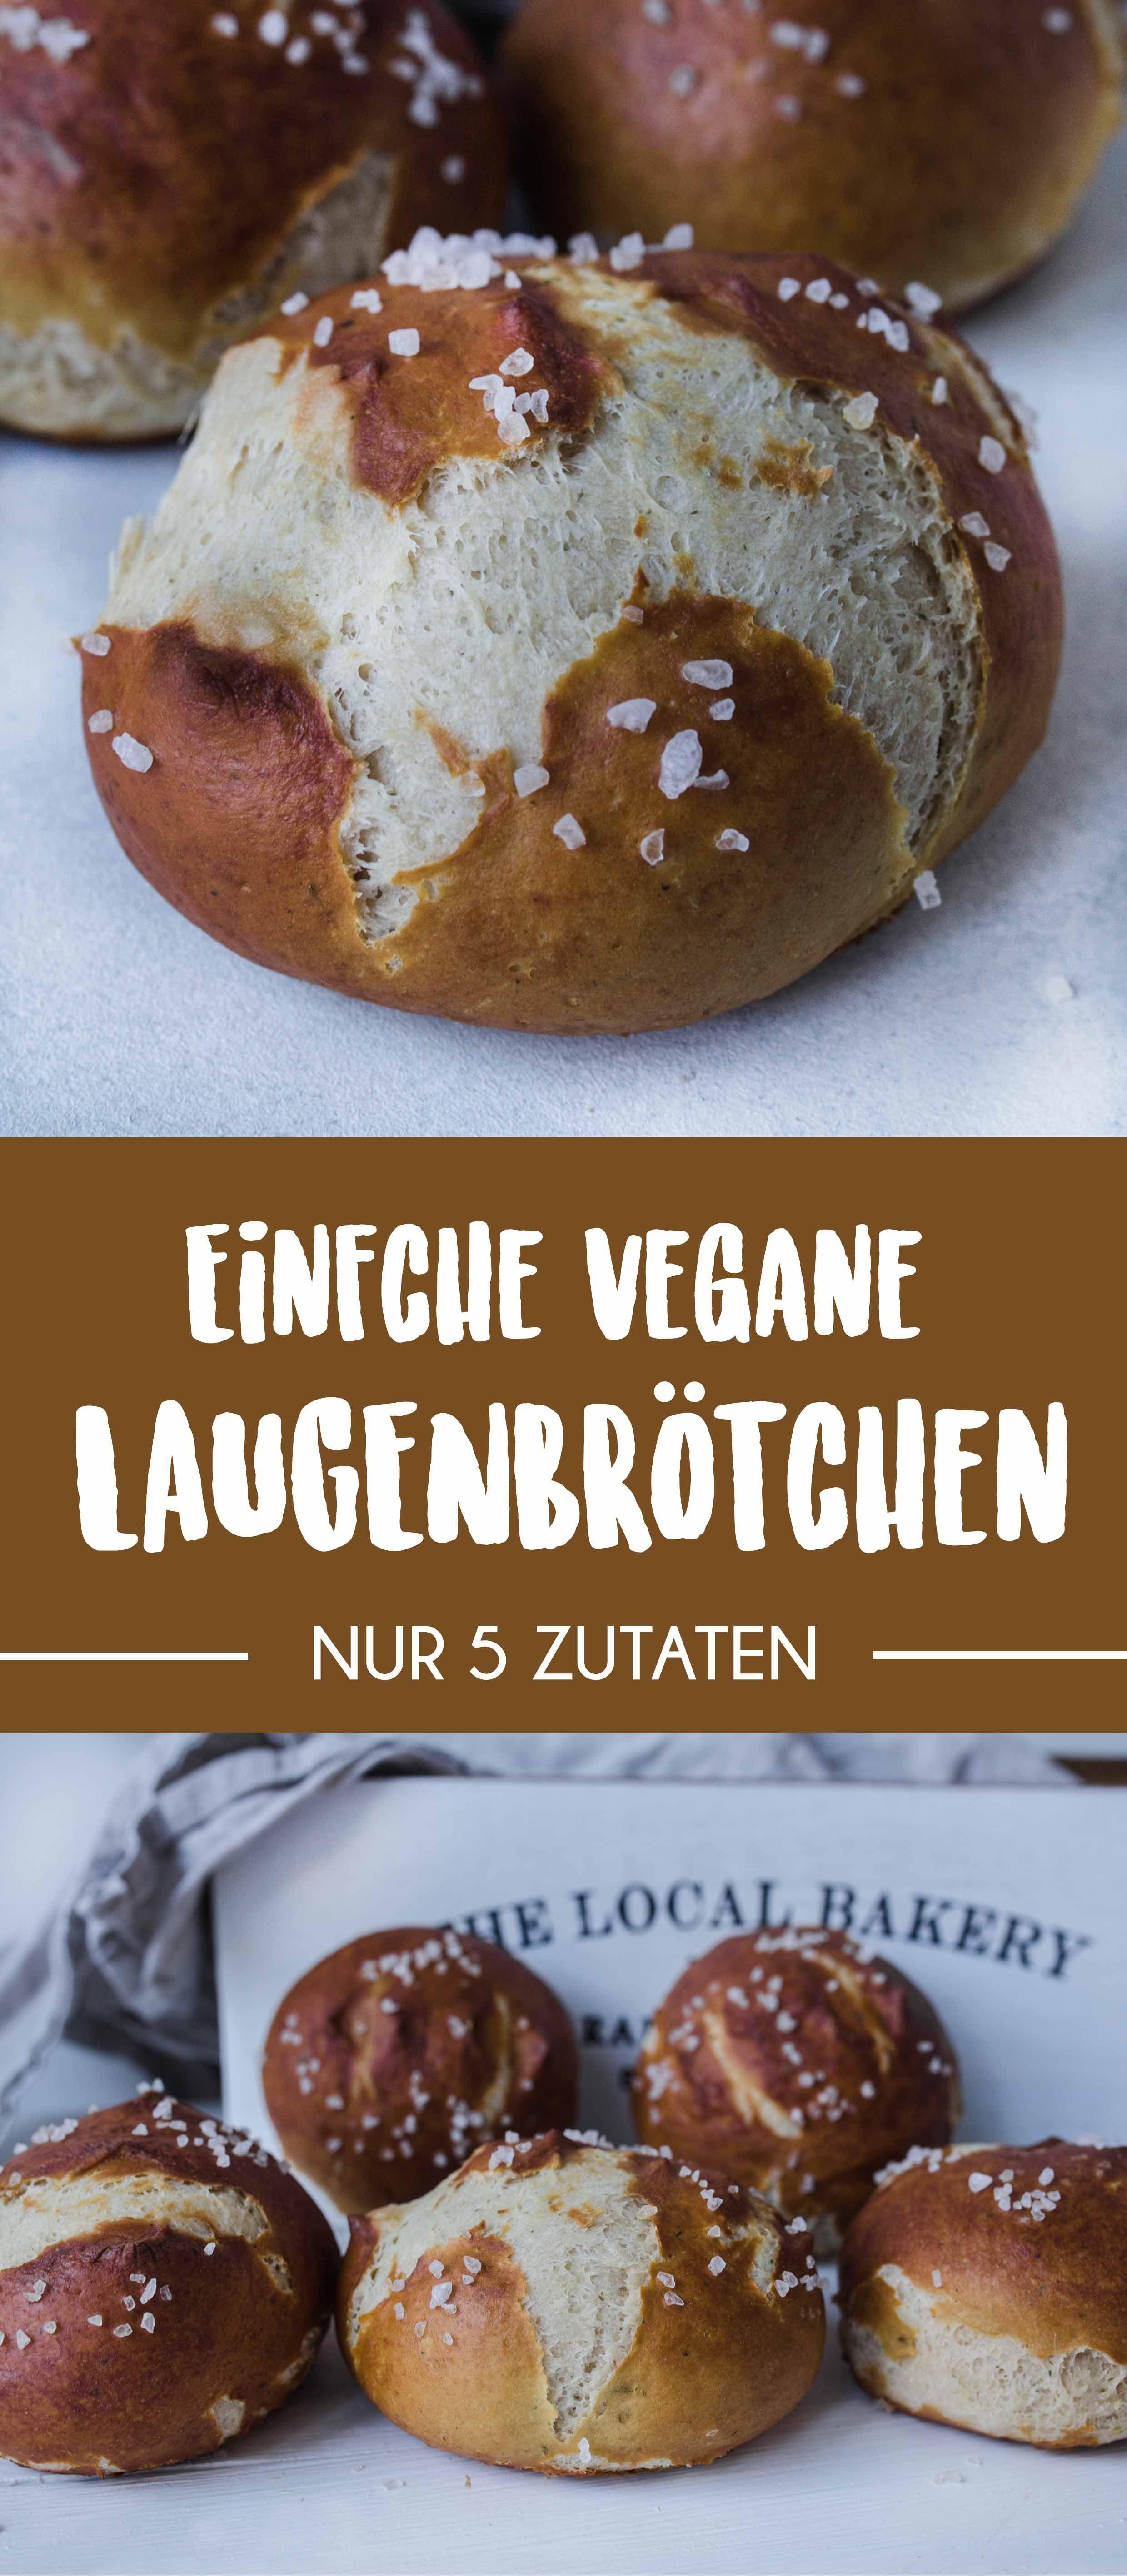 Super einfache Laugenbrötchen (vegan mit nur 5 Zutaten) #vegetariandish